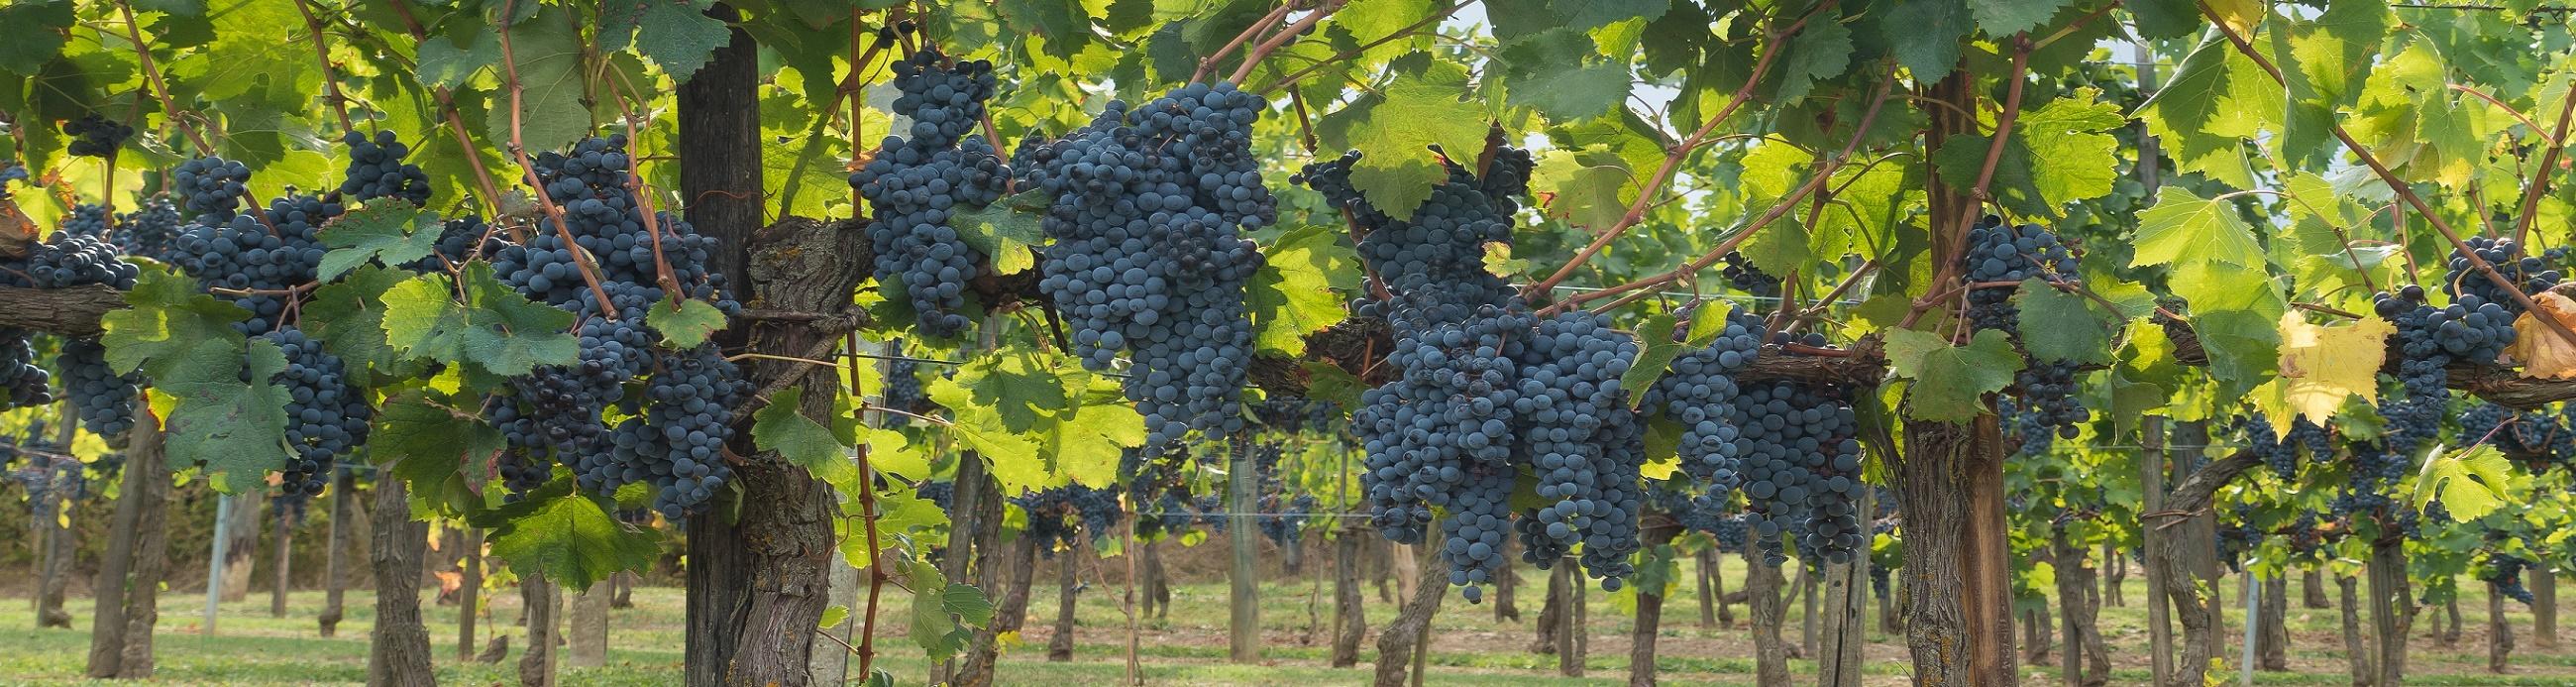 Bandeau tour de vin